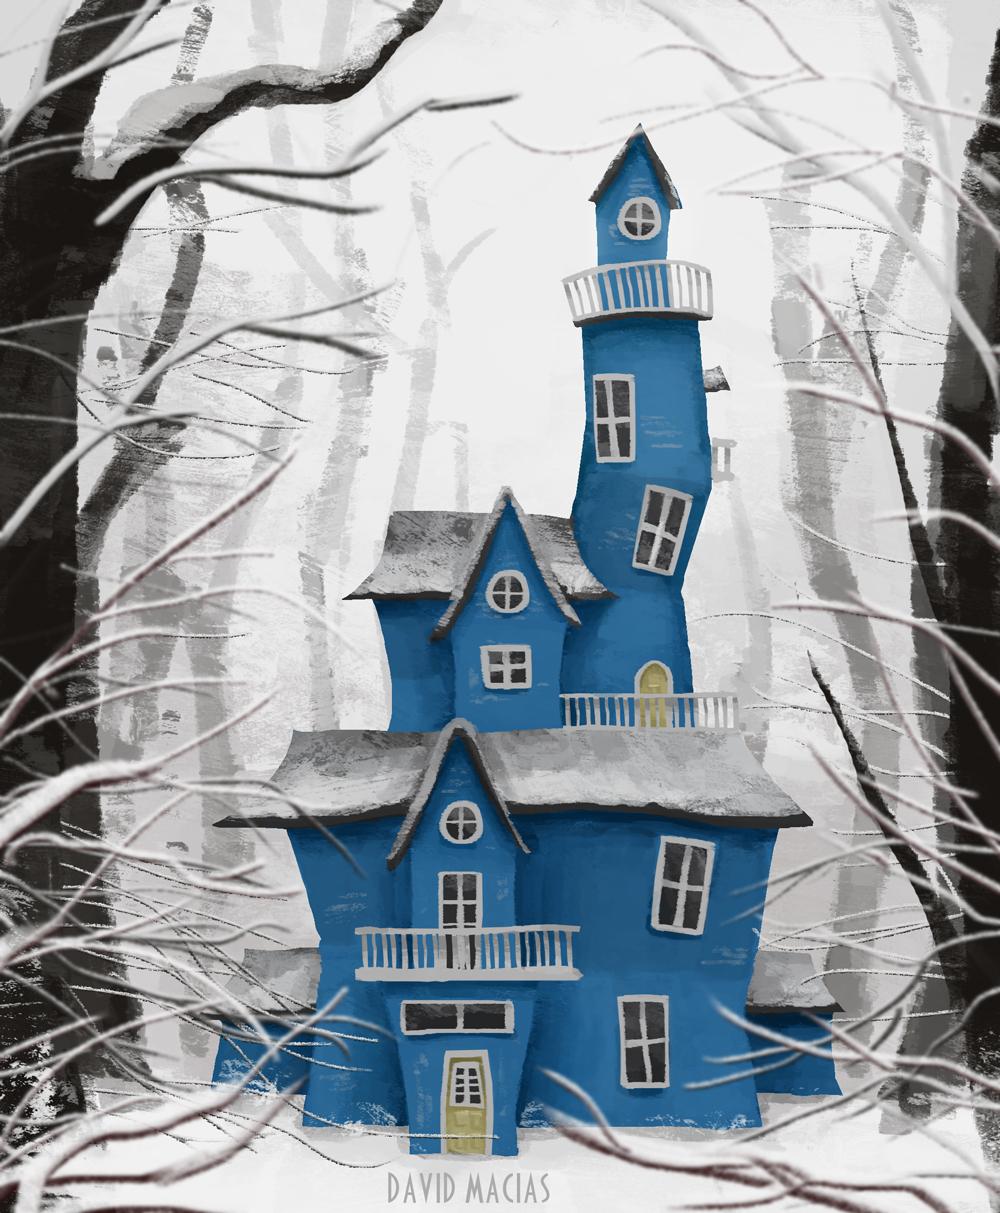 macias-snow-blue-mansion.jpg